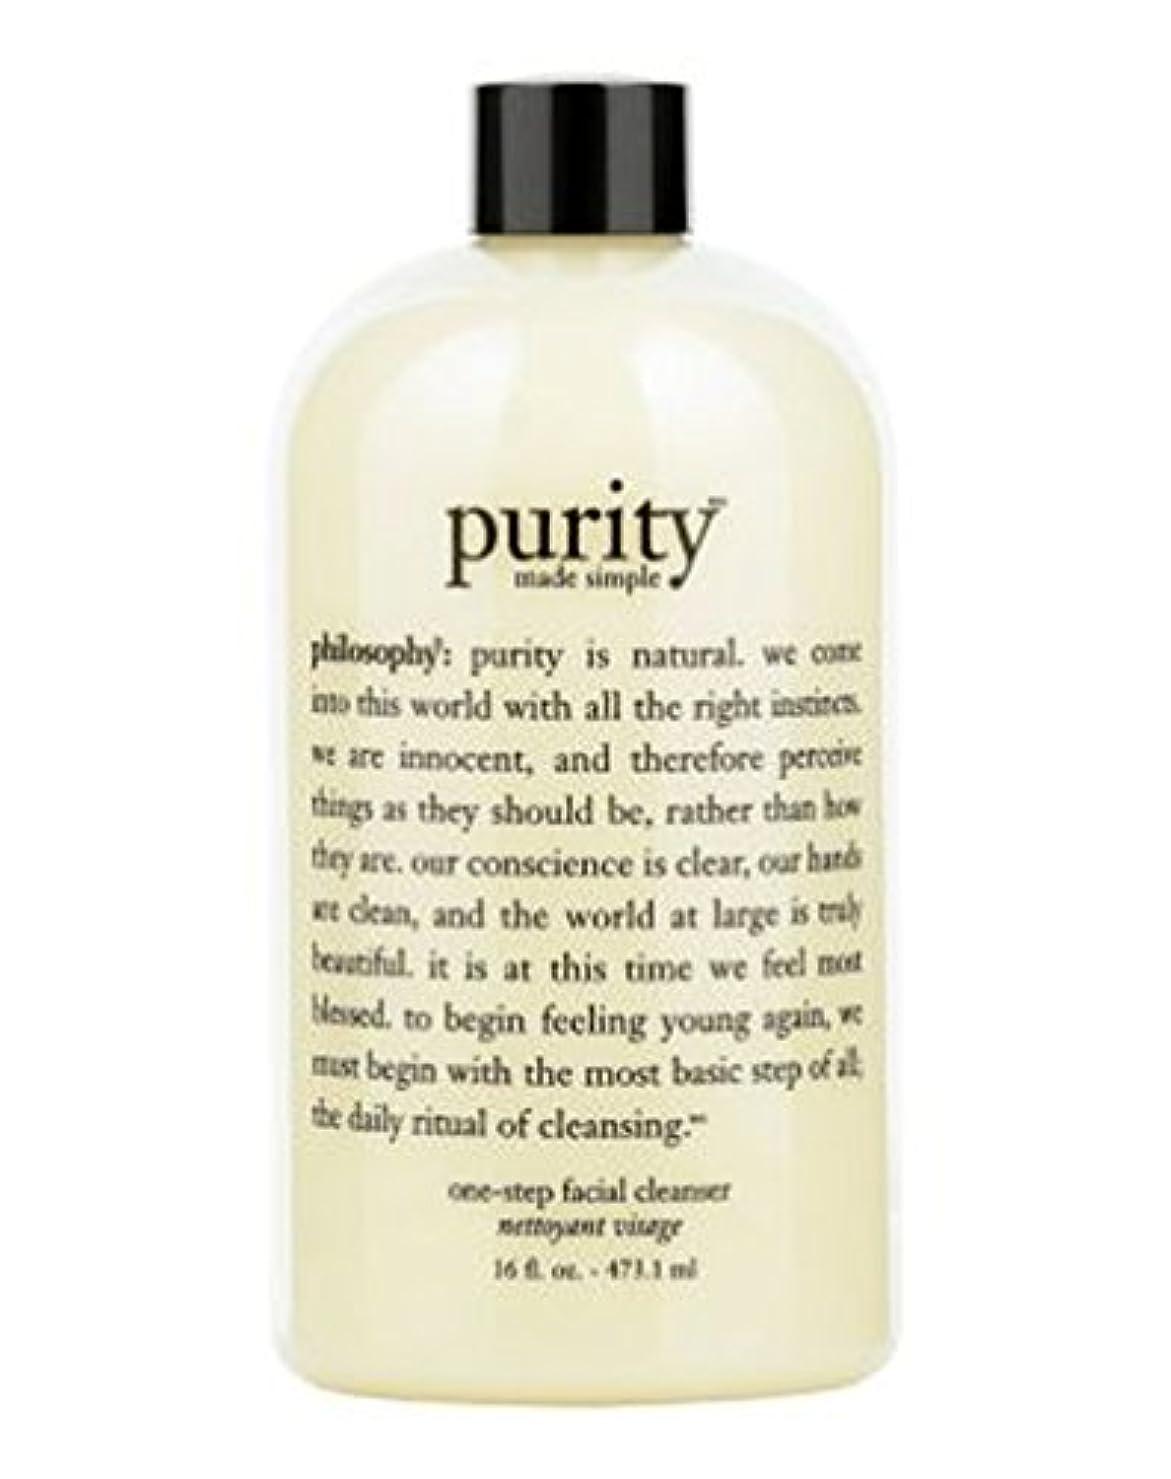 代表するボタン割り当てphilosophy purity made simple 3-in-1 cleanser for face and eyes 480ml - 哲学純度は、顔や目480ミリリットルのための簡単な3イン1クレンザーを作りました (Philosophy) [並行輸入品]